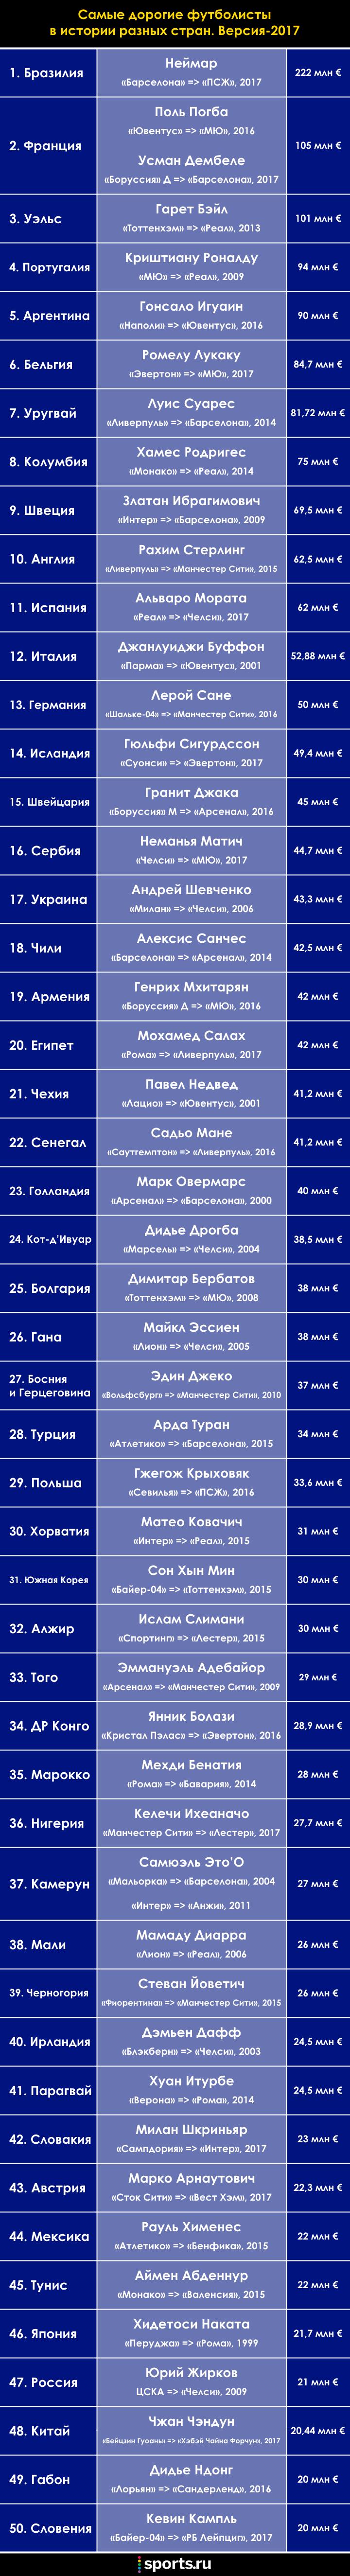 https://s5o.ru/storage/simple/ru/edt/02/11/6b/b1/ruea477ee2b83.png